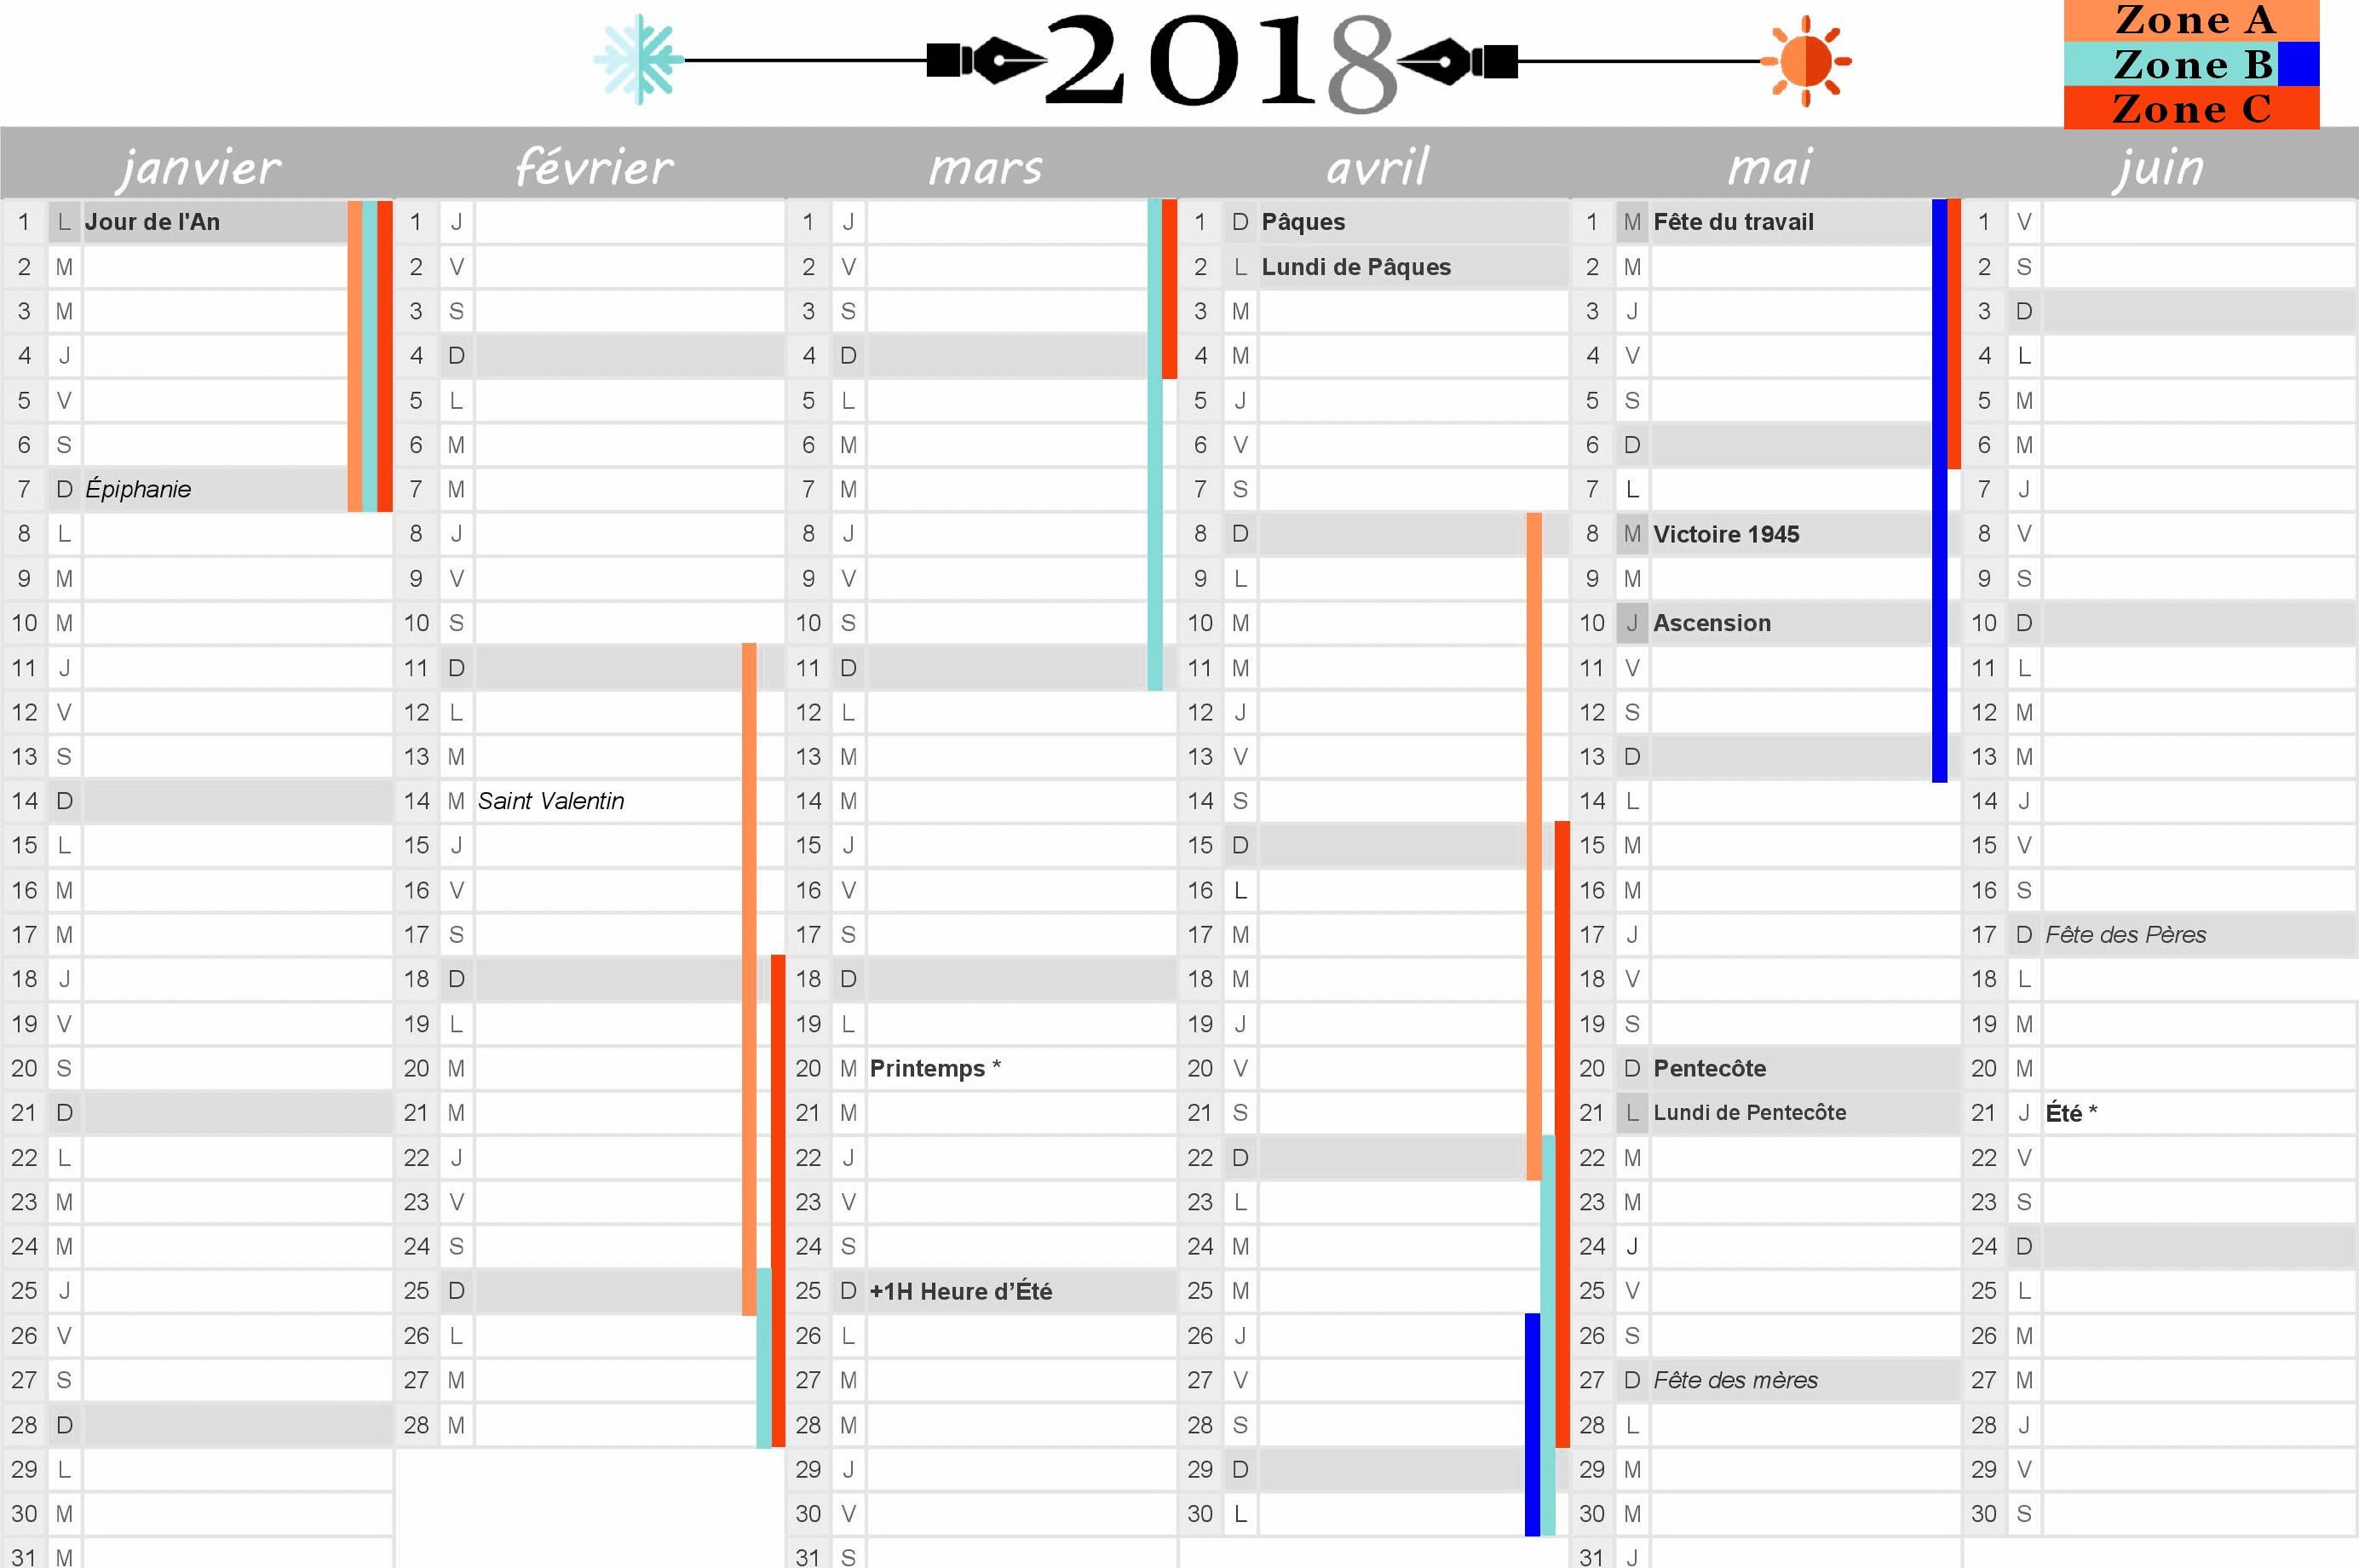 Calendrier 2018 Vacances Scolaires Et Jours Fériés Inclus